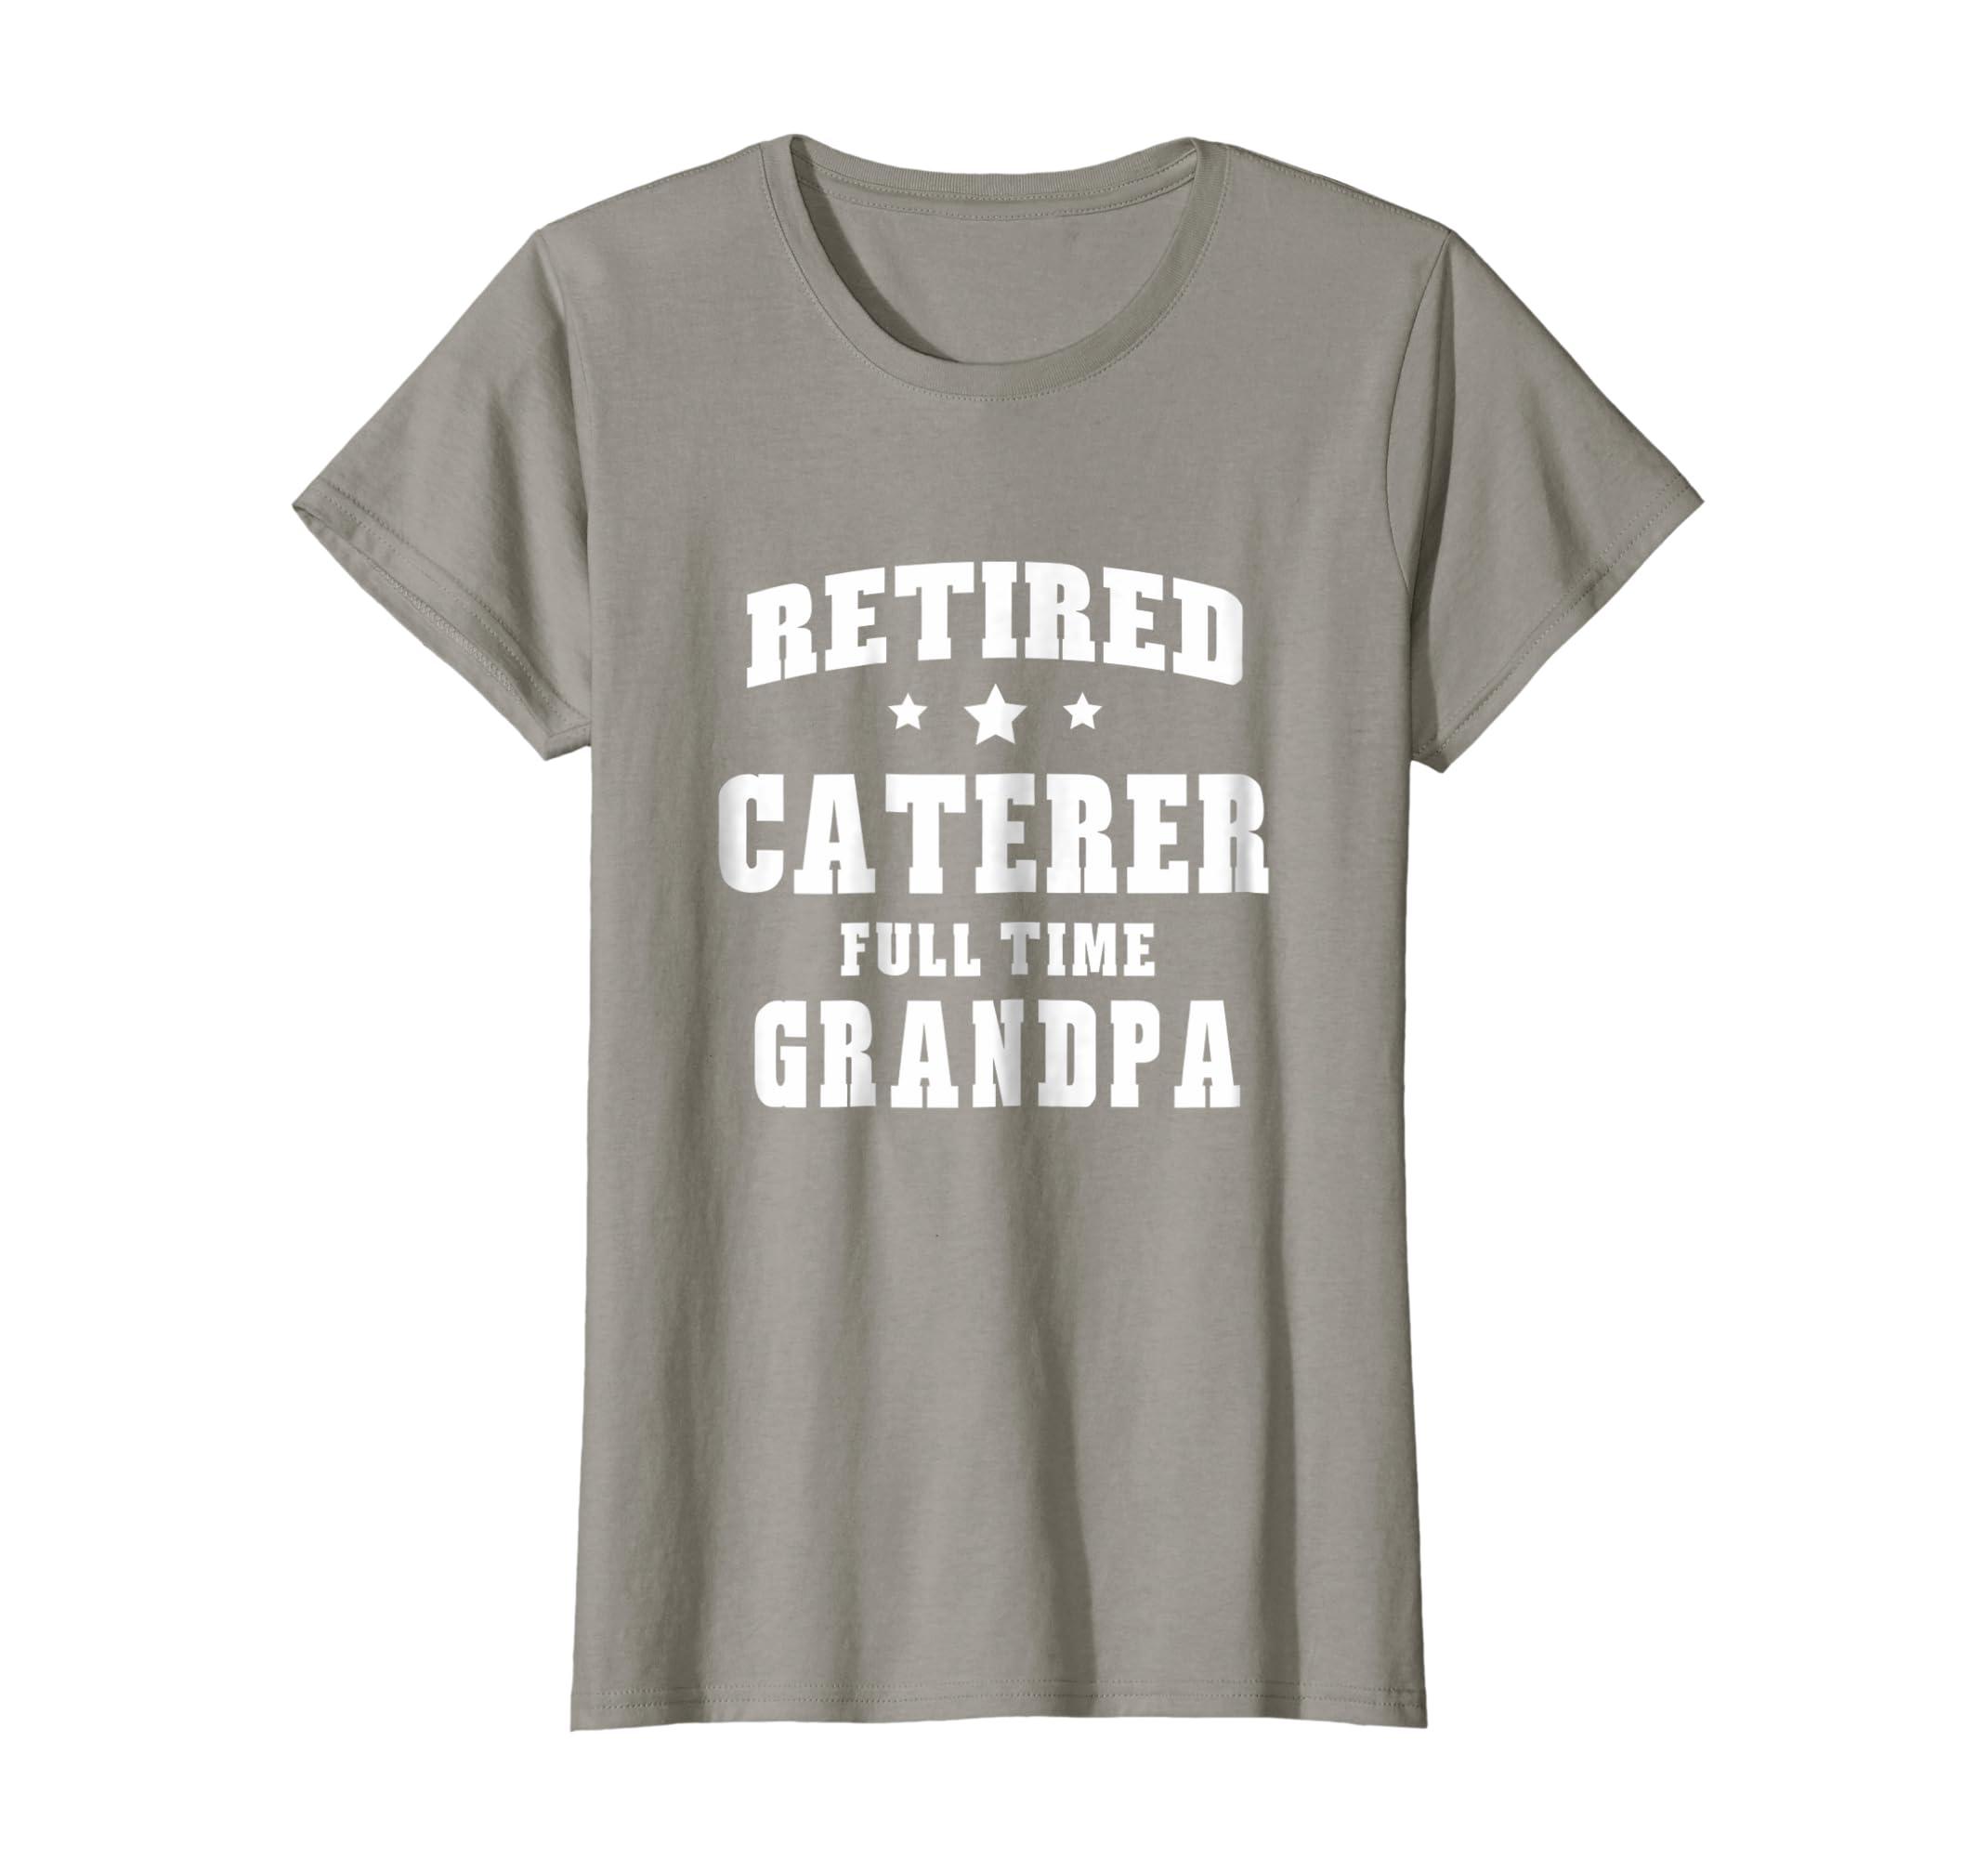 Retired Caterer Full Time Grandpa T-Shirt Men's-Newstyleth